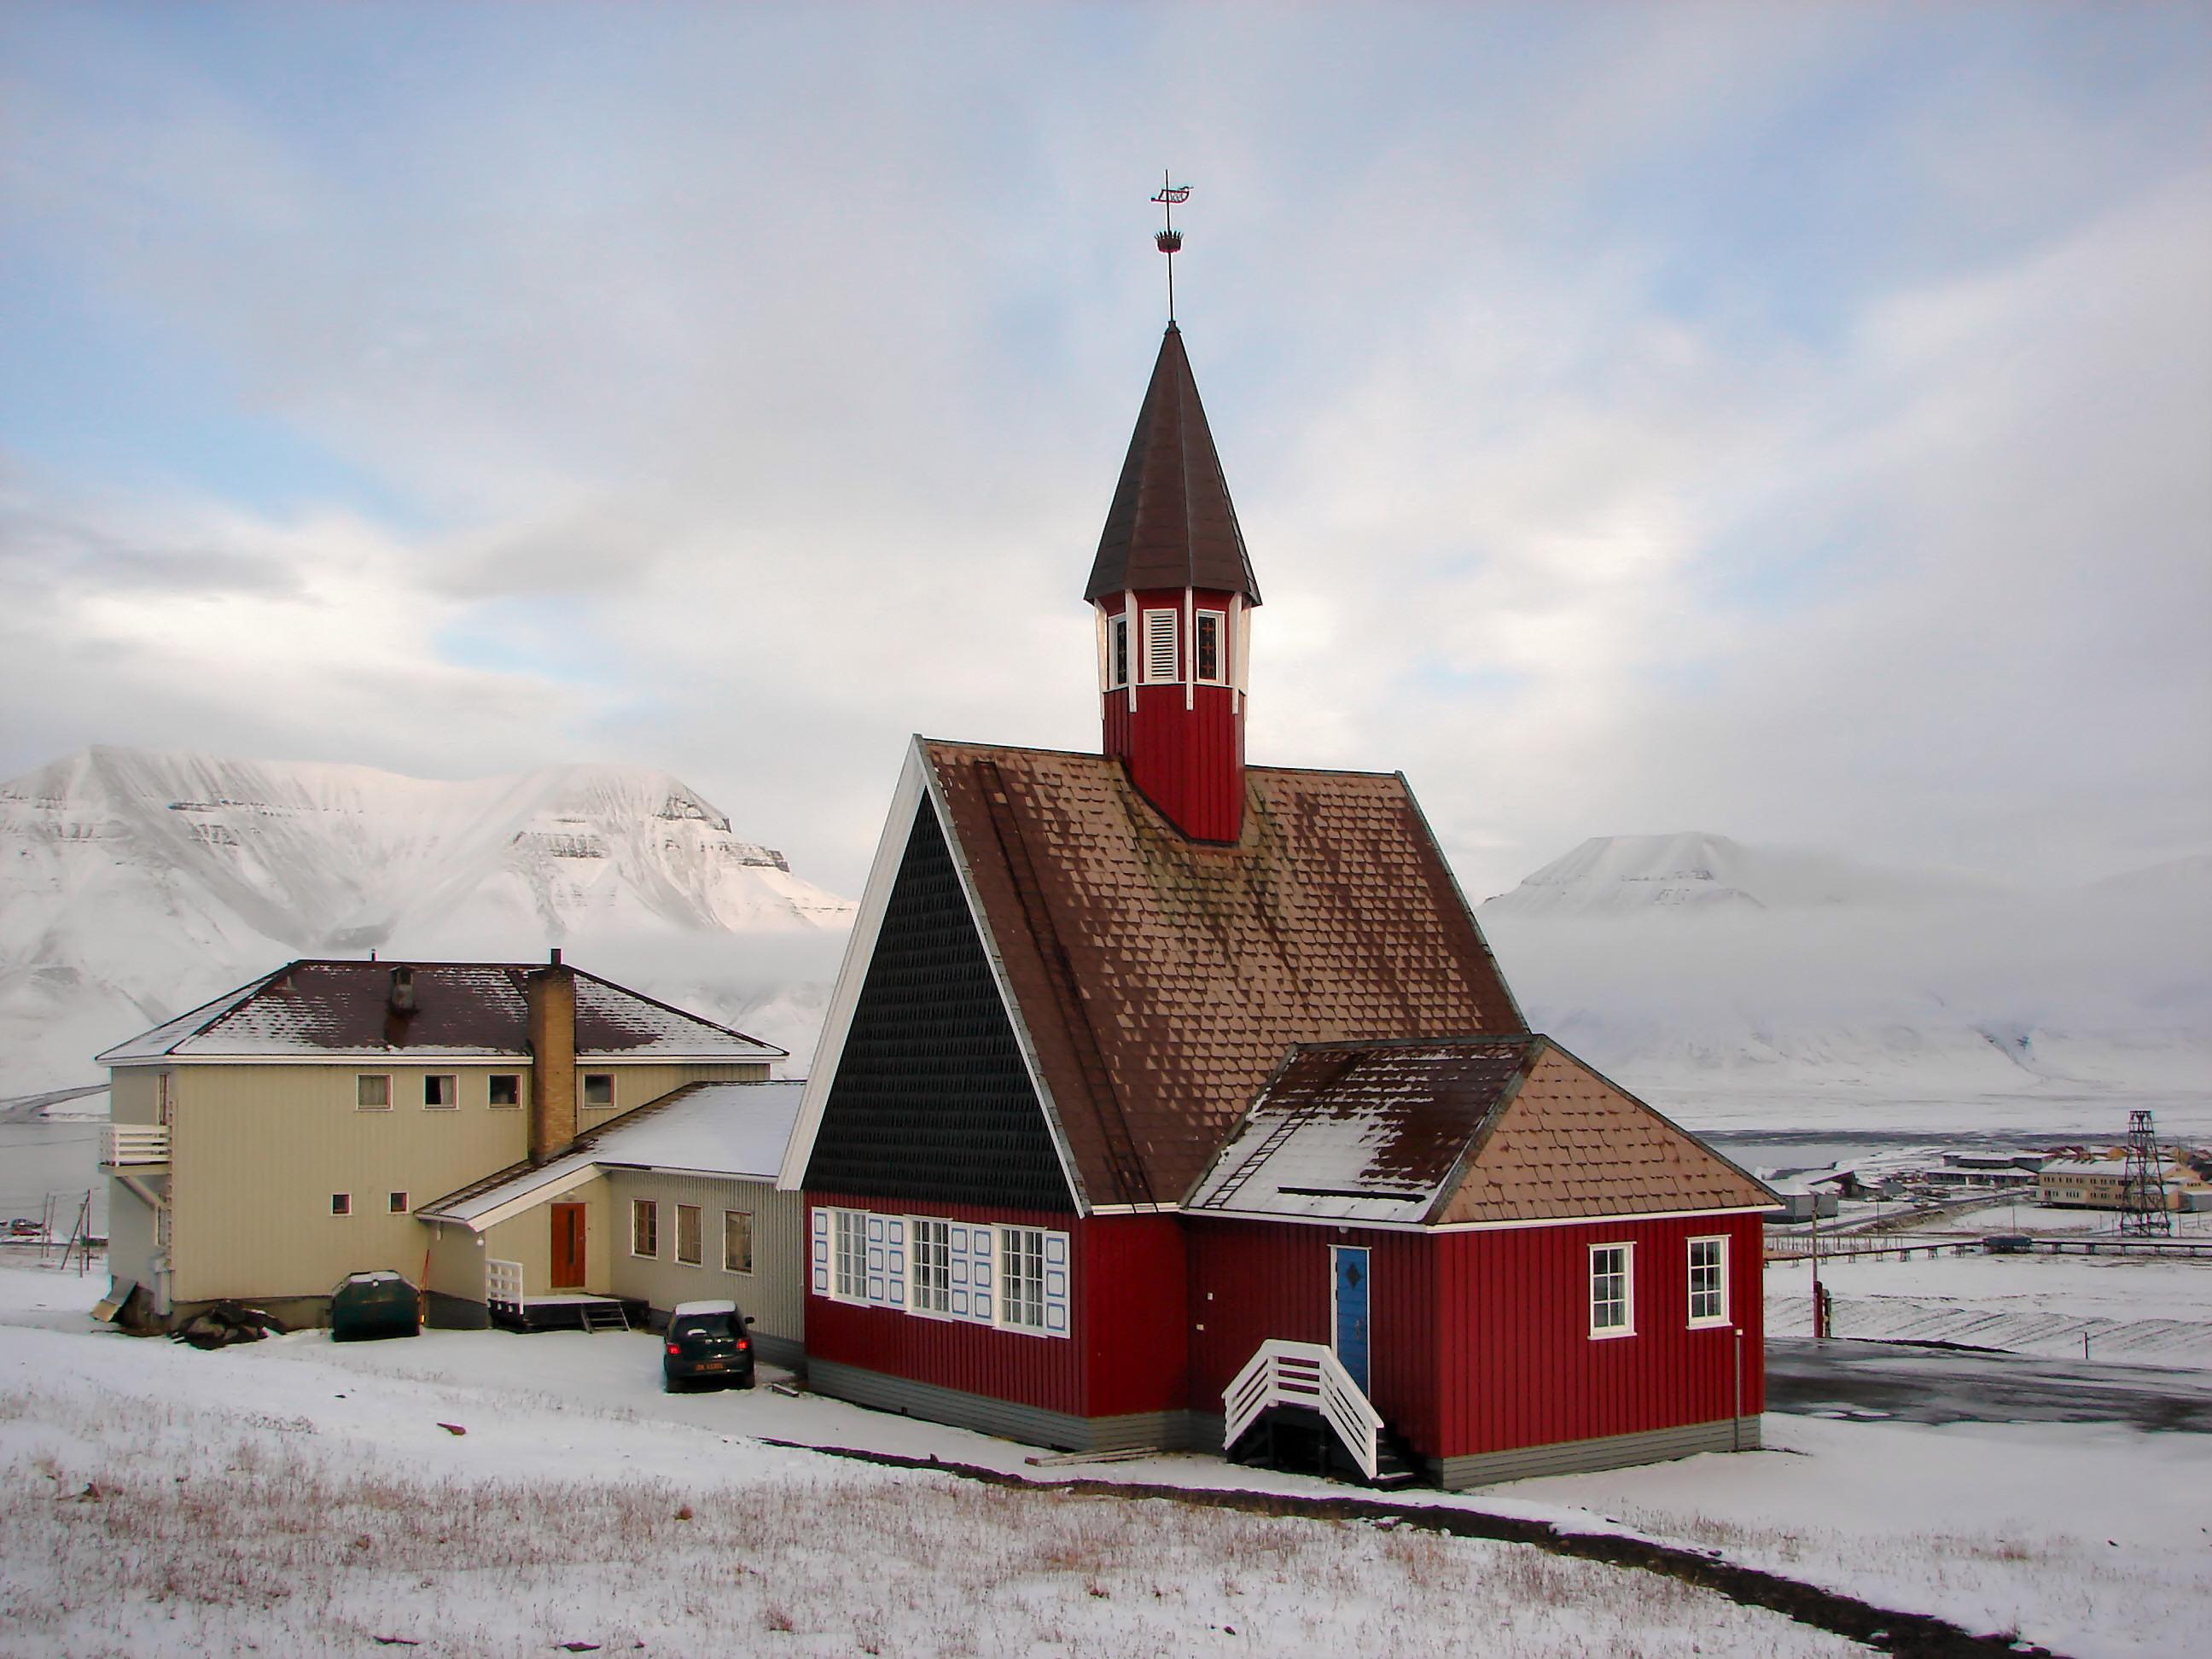 السياحة في النرويج سافلبار